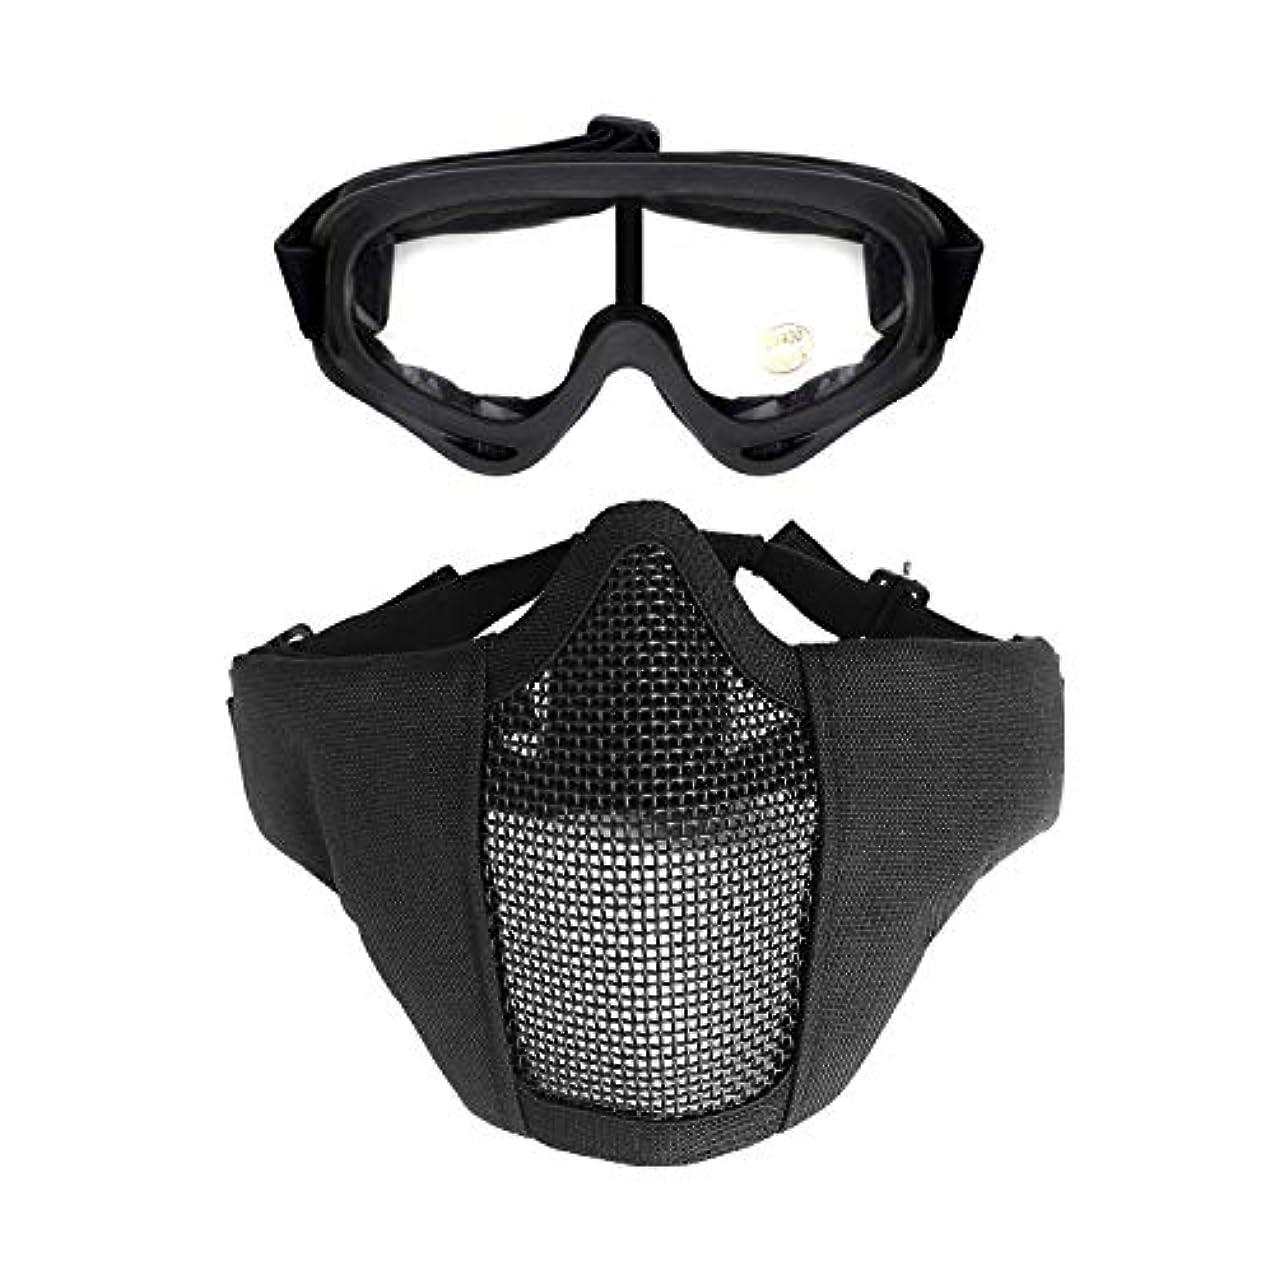 破滅的な起こるランプメッシュ マスク ゴーグル付き 通気性が良い フェイスマスク ゲーム ブラック 2個セット